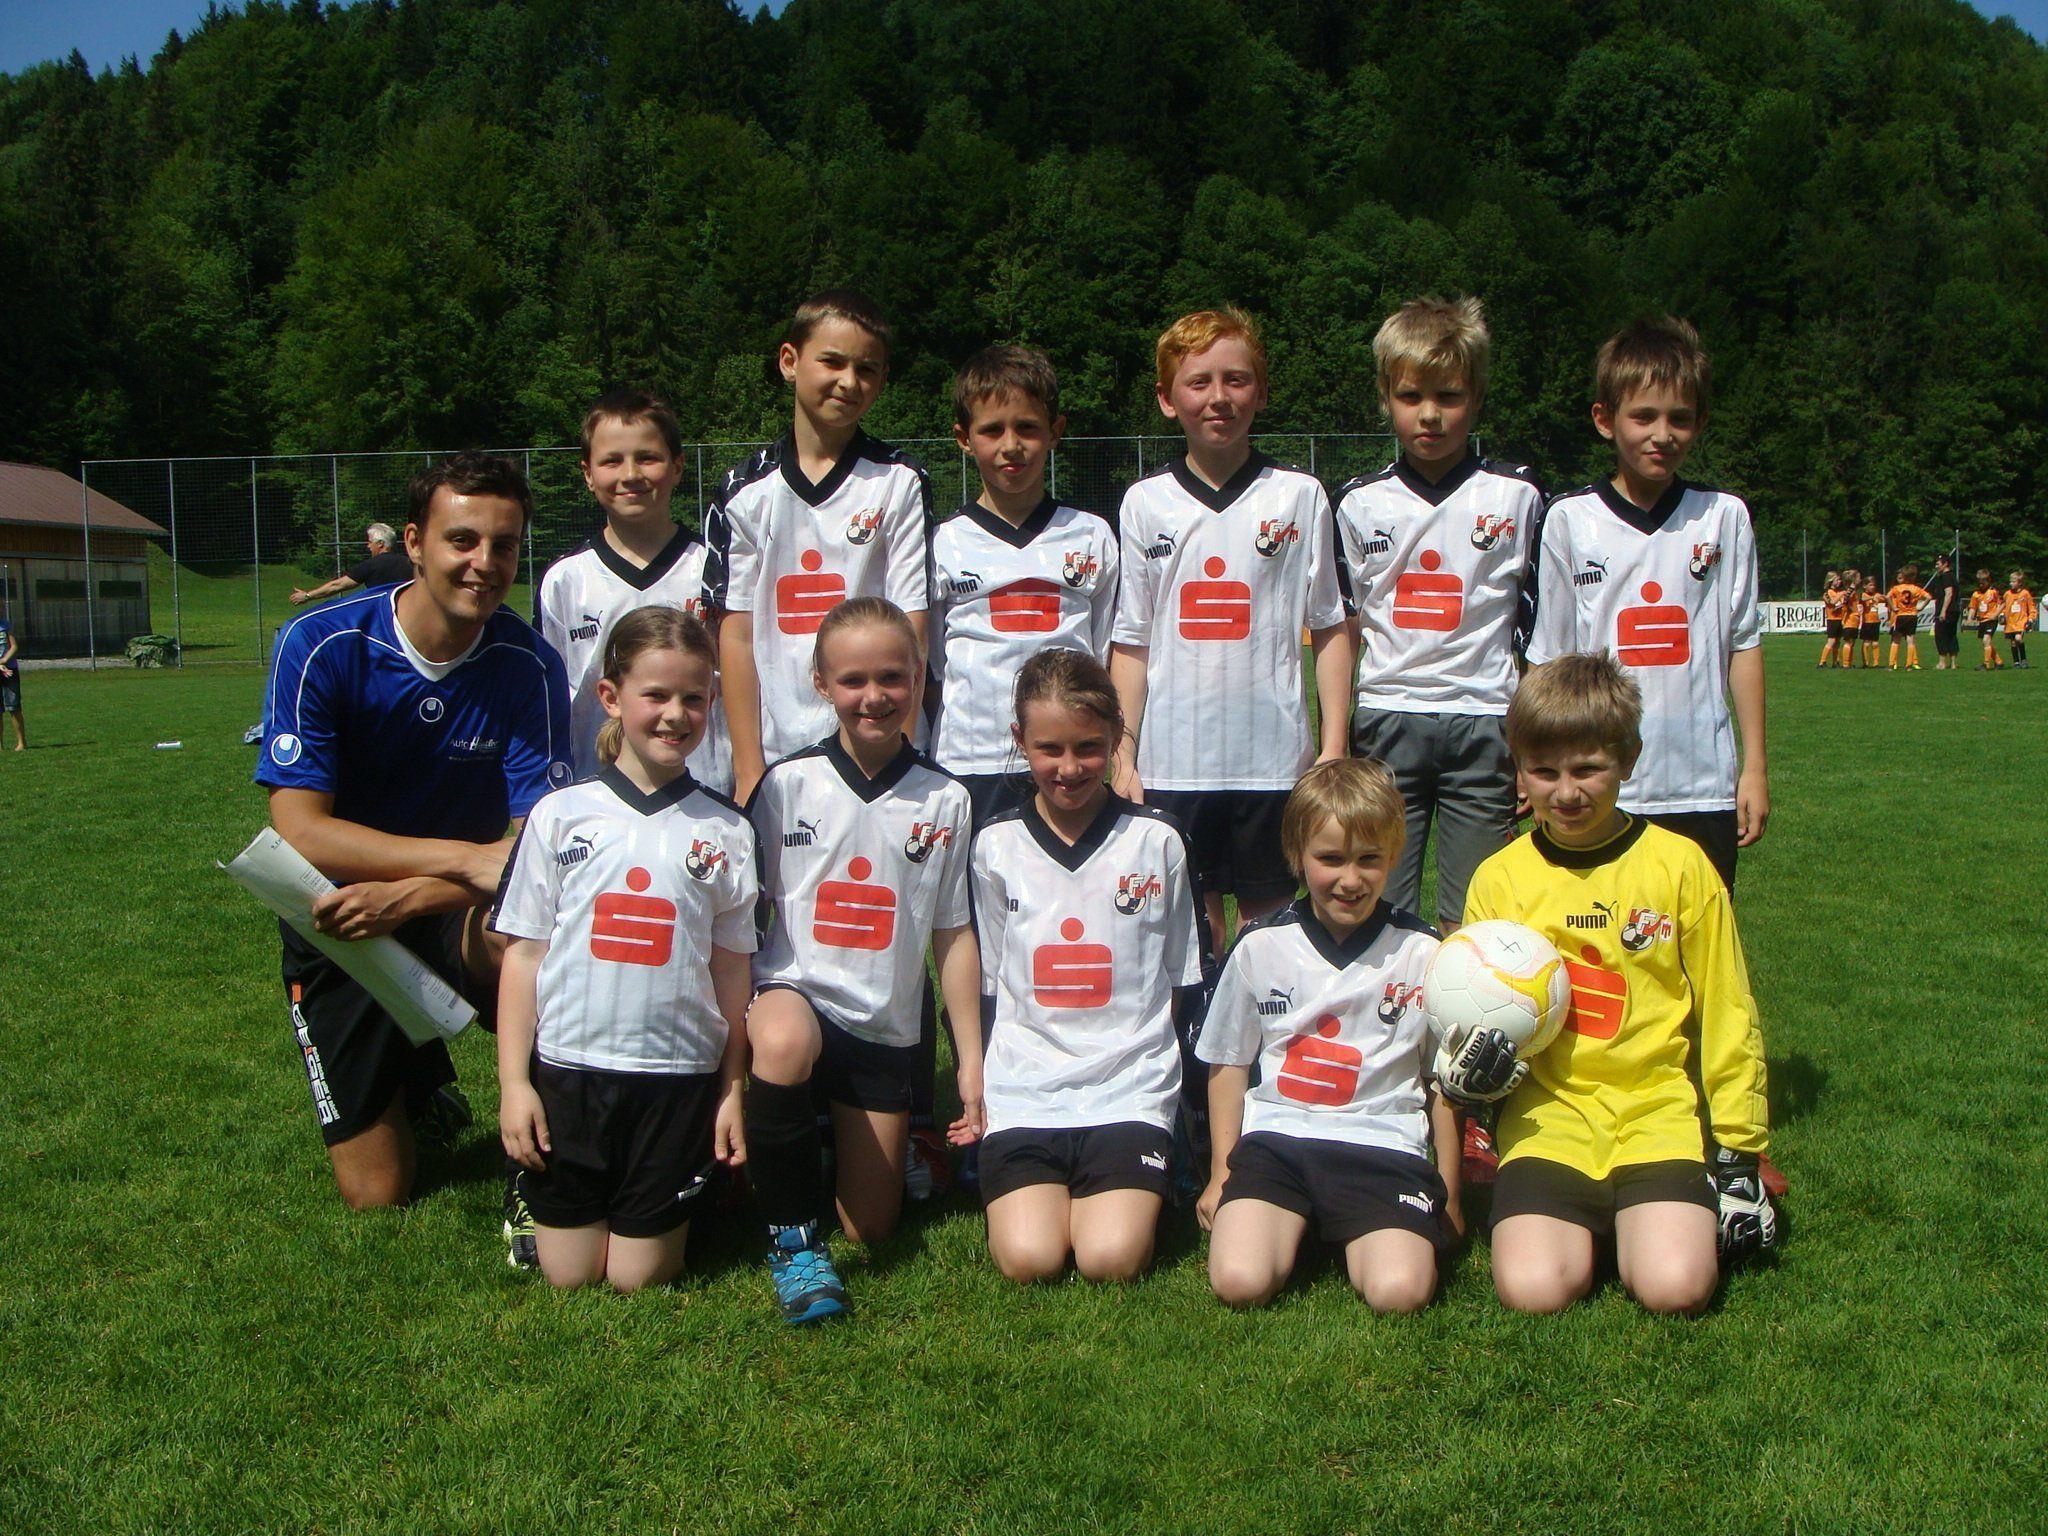 Das Team der Volksschule Schwarzenberg.